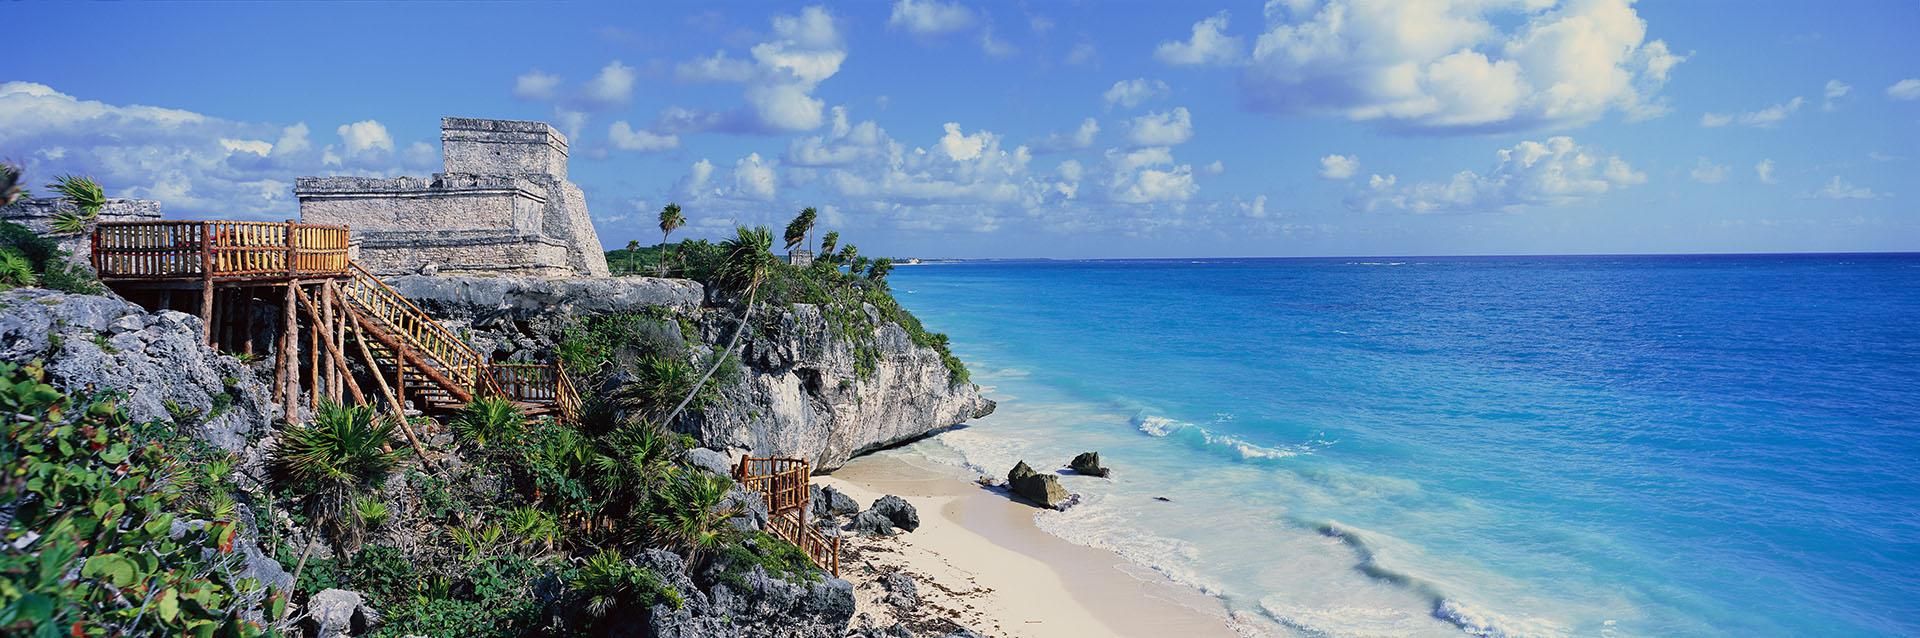 Esta playa única en la costa caribeña de la península de Yucatán es un paraíso. Es considerada una de las mejores playas de la Riviera Maya, con reluciente arena blanca y espectaculares acantilados con las ruinas de fondo